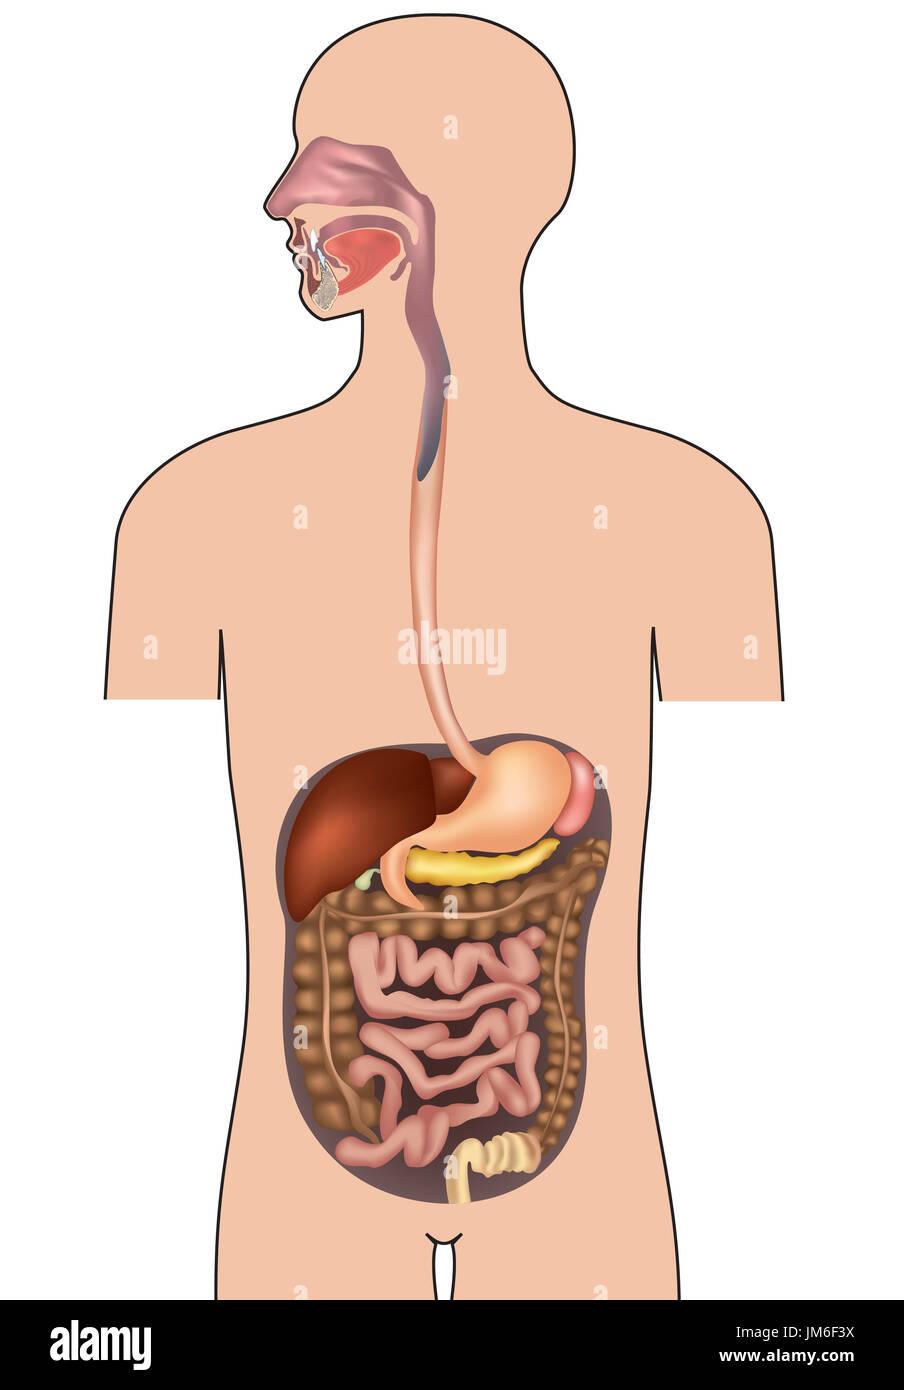 Großartig Magen Darm System Galerie - Menschliche Anatomie Bilder ...